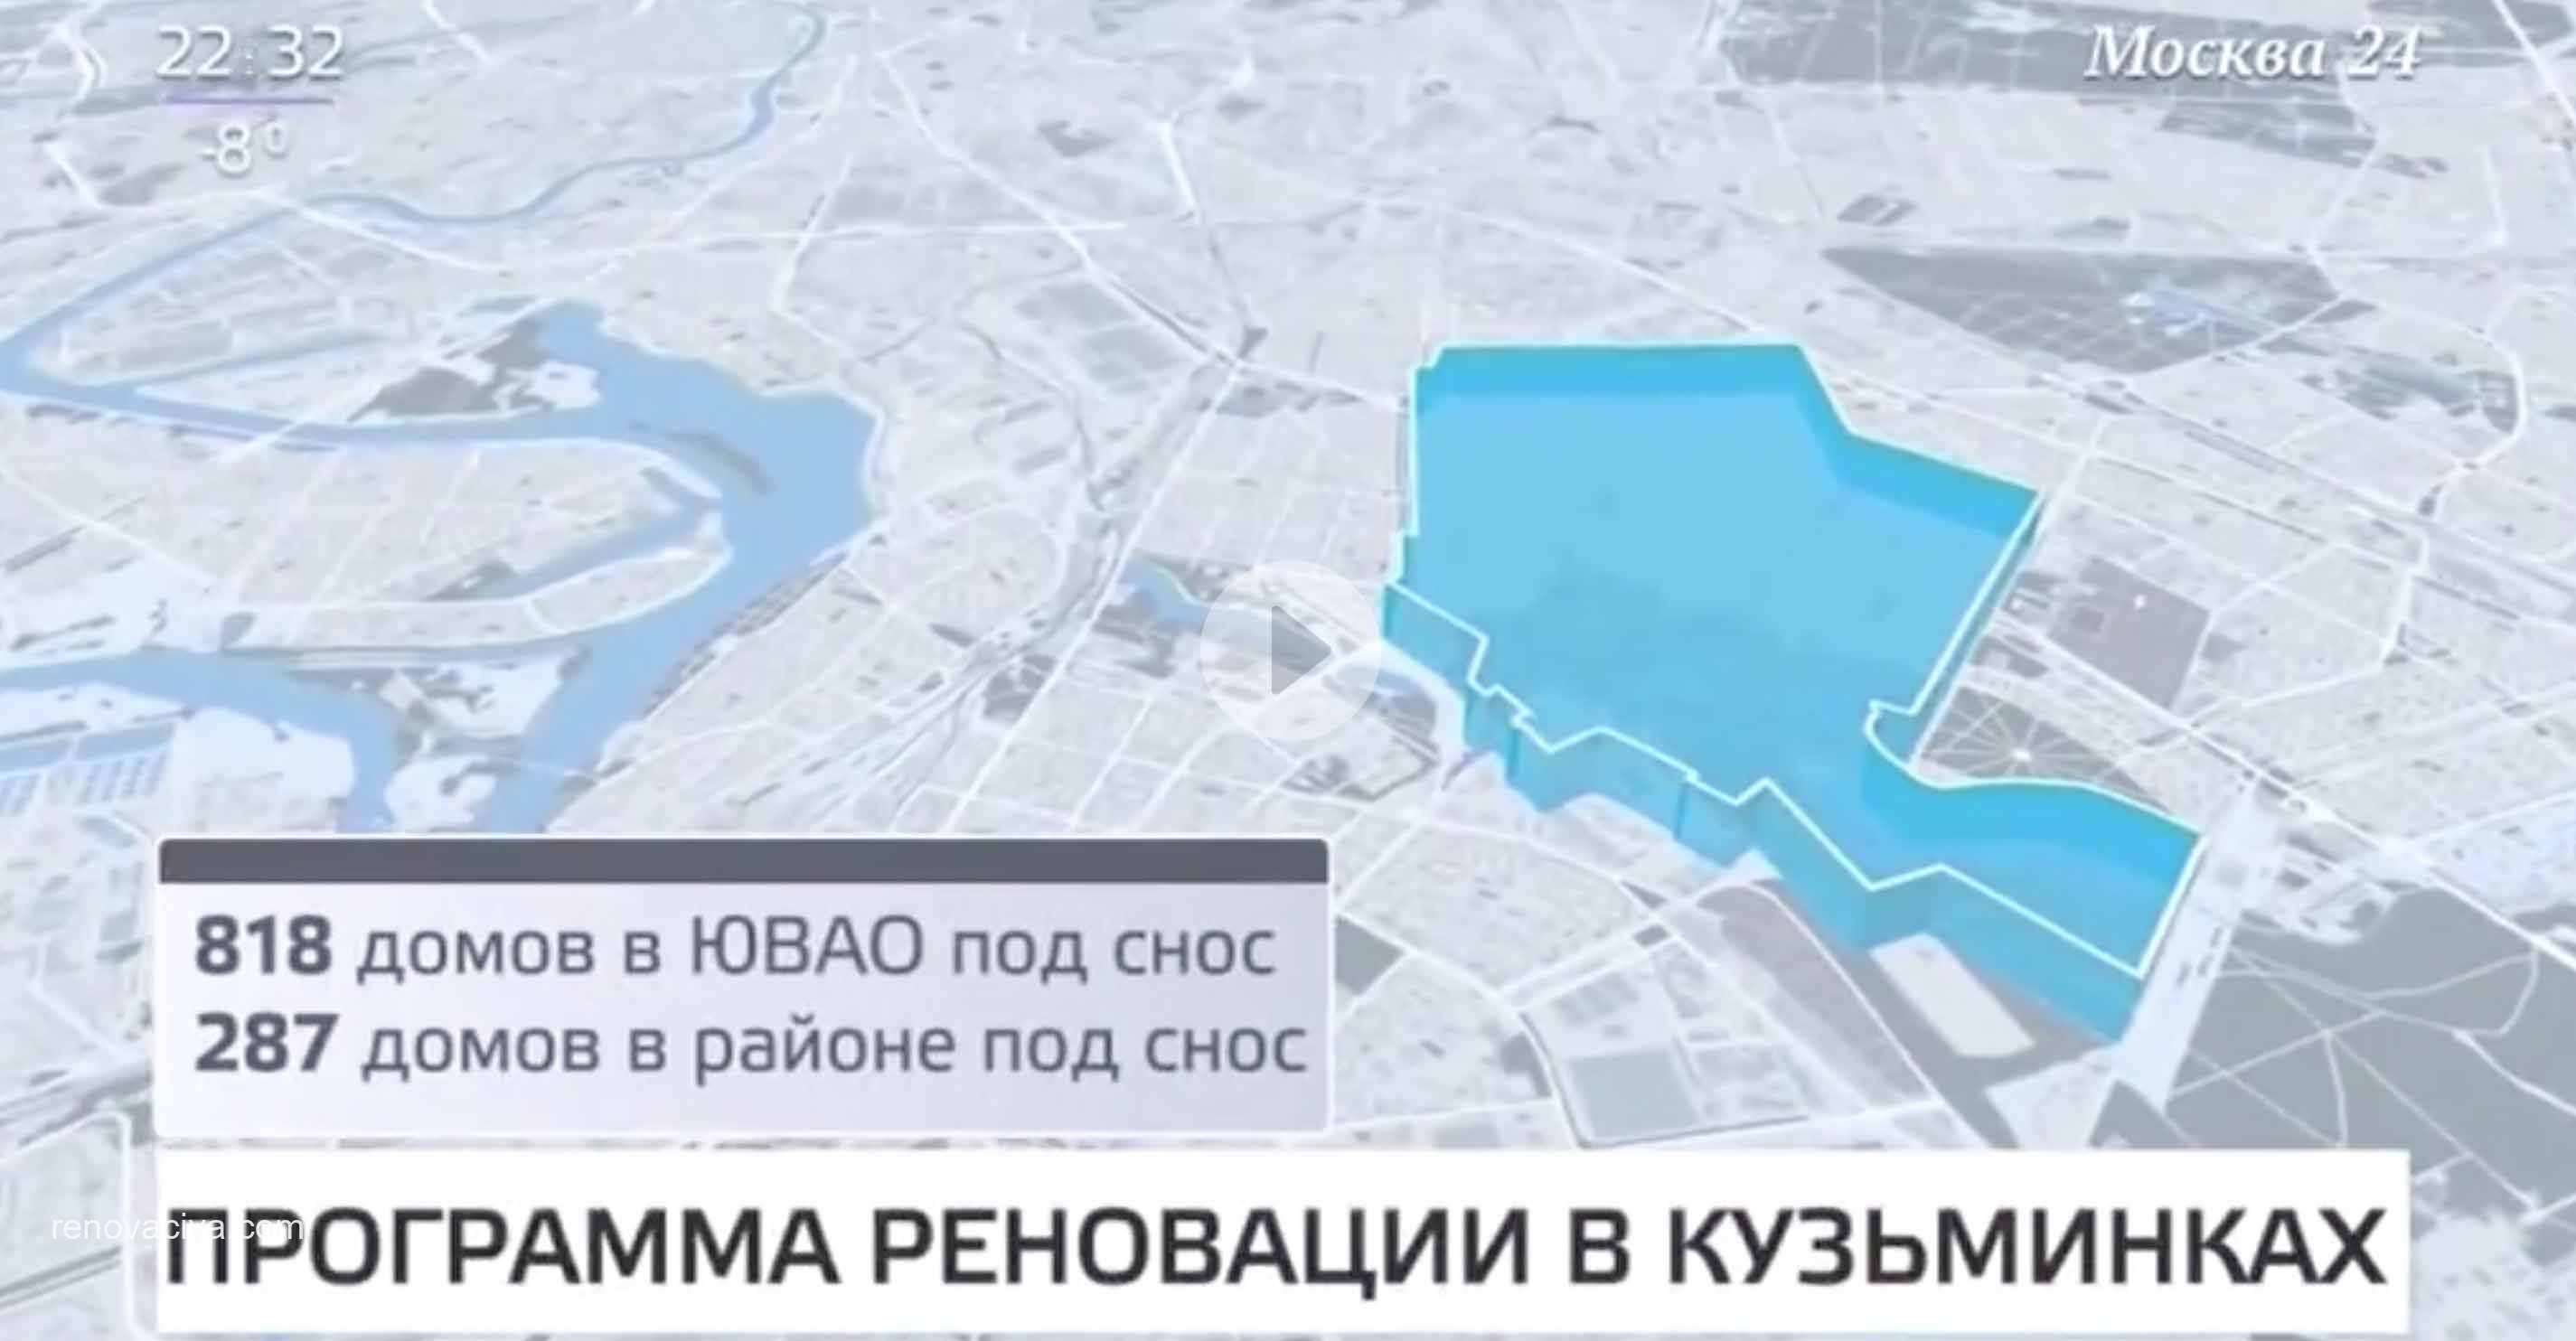 первые 60 семей в Кузьминках